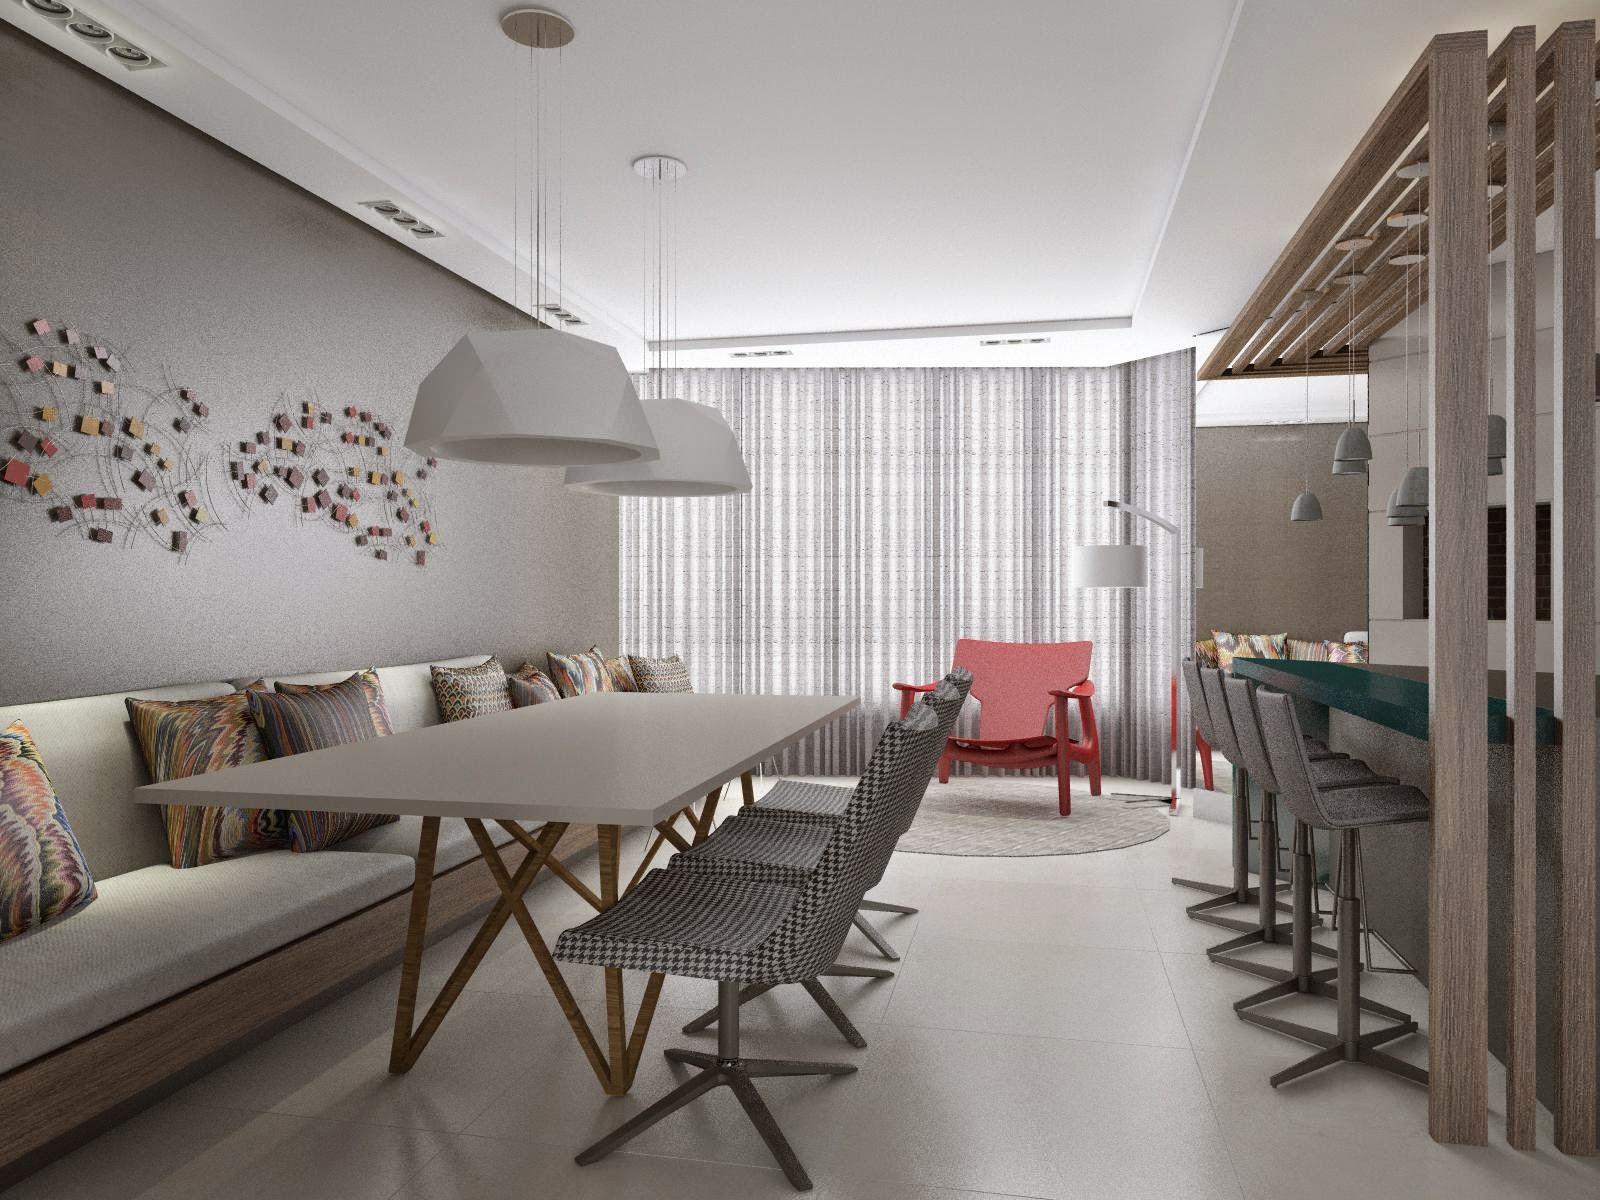 #5D4D45 Ilto Gerber: Projeto de Interior Sala de Estar / Jantar / Cozinha 1600x1200 px Projeto De Cozinha Com Sala De Jantar #2845 imagens